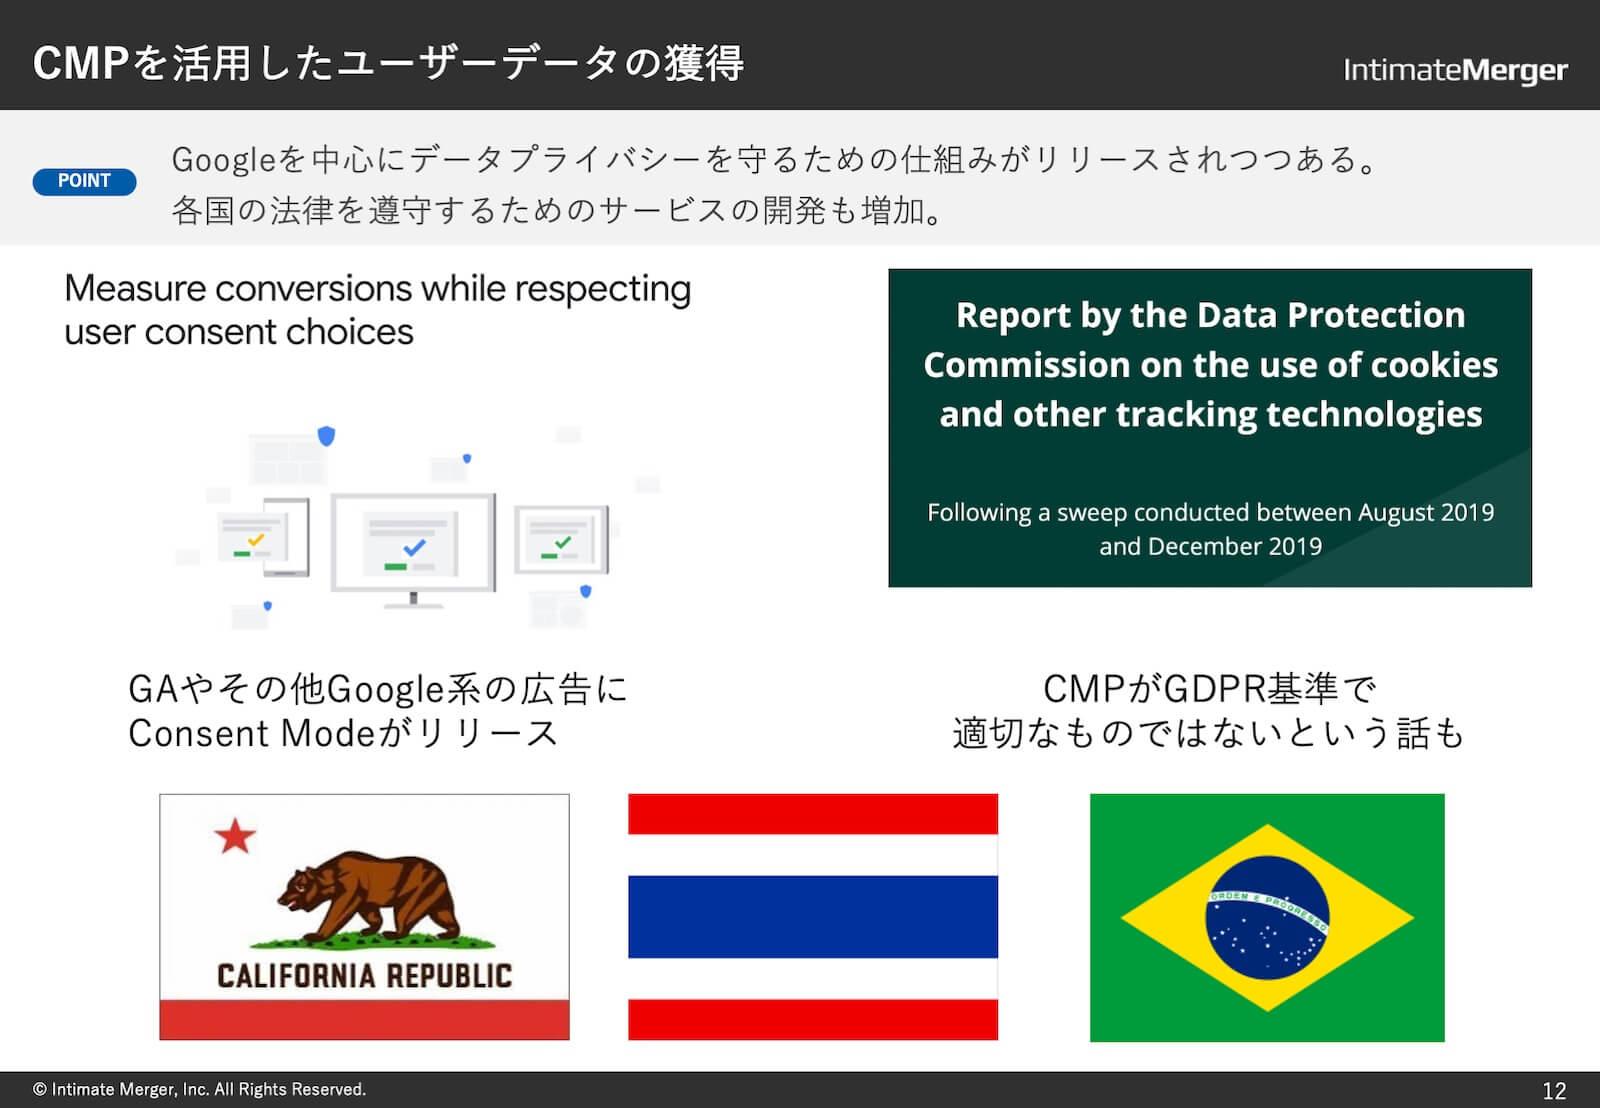 CMPを活用したユーザーデータの獲得